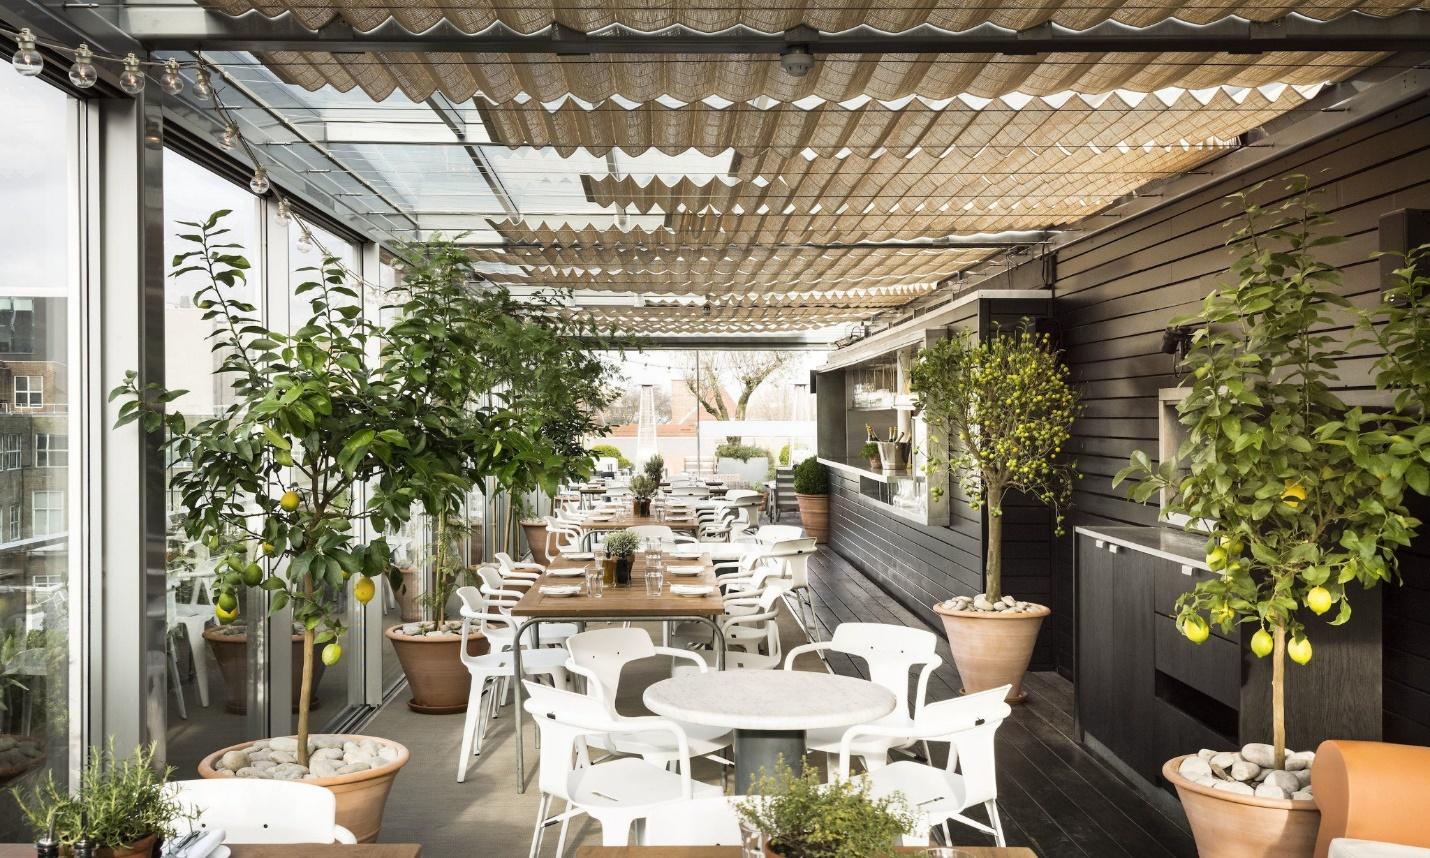 Quán cà phê sân thượng với bàn ghế nhựa